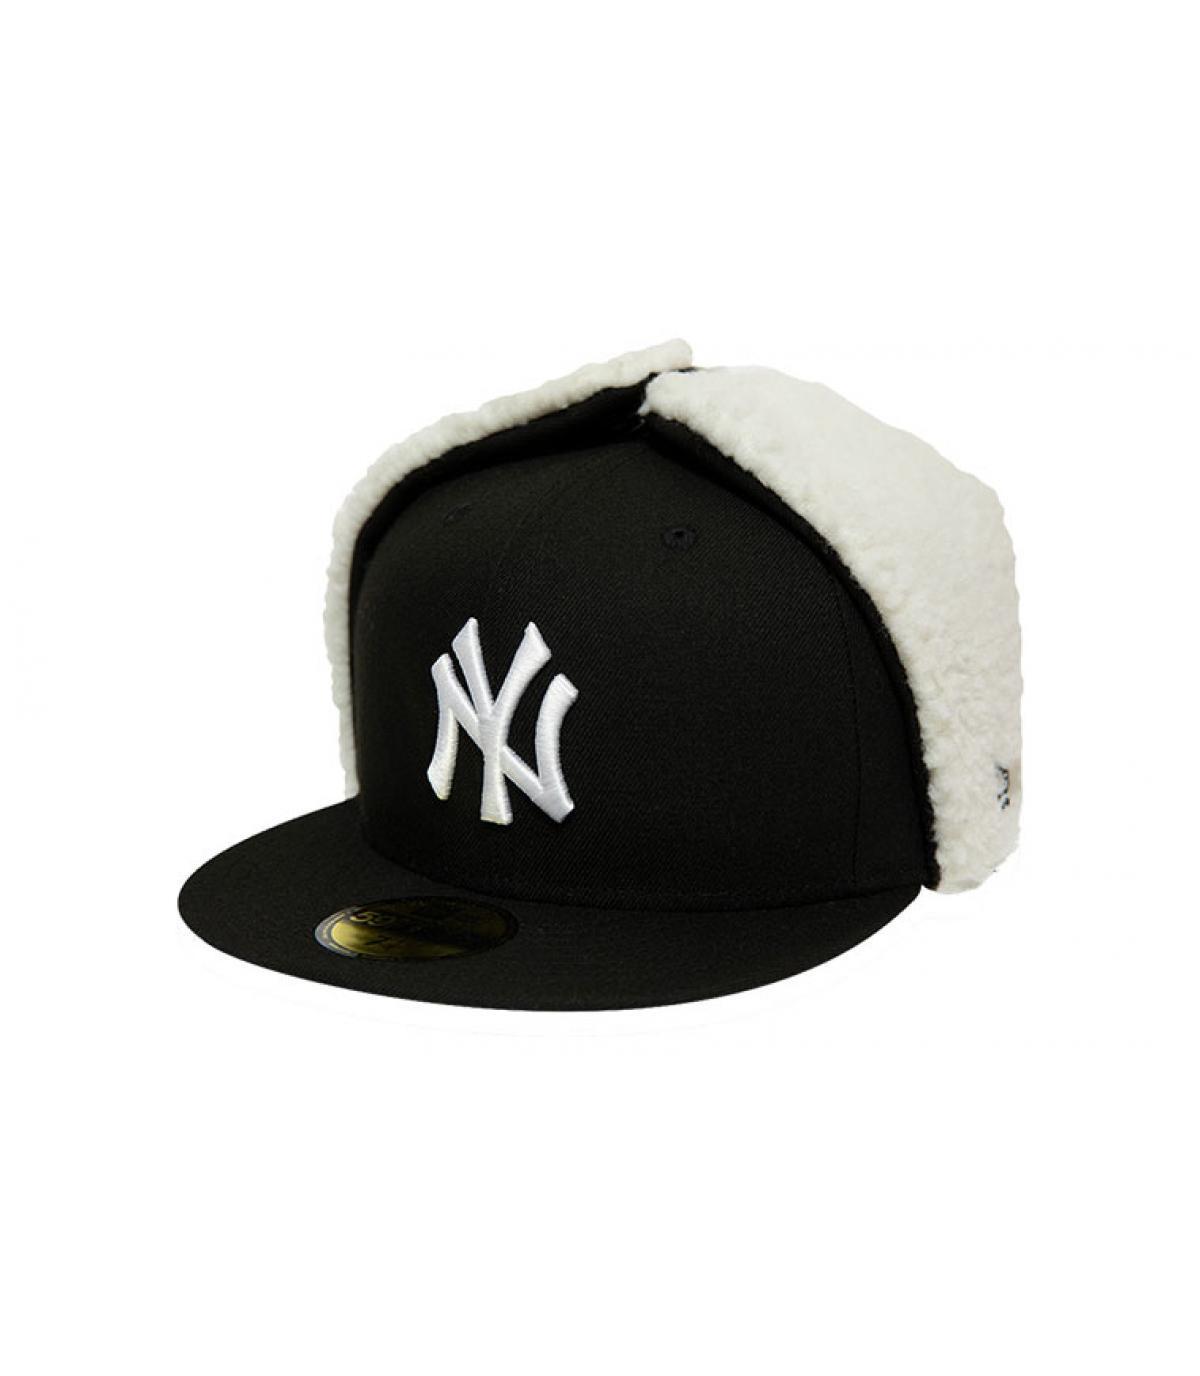 Détails Casquette League Ess Dogear NY 5950 black white - image 2